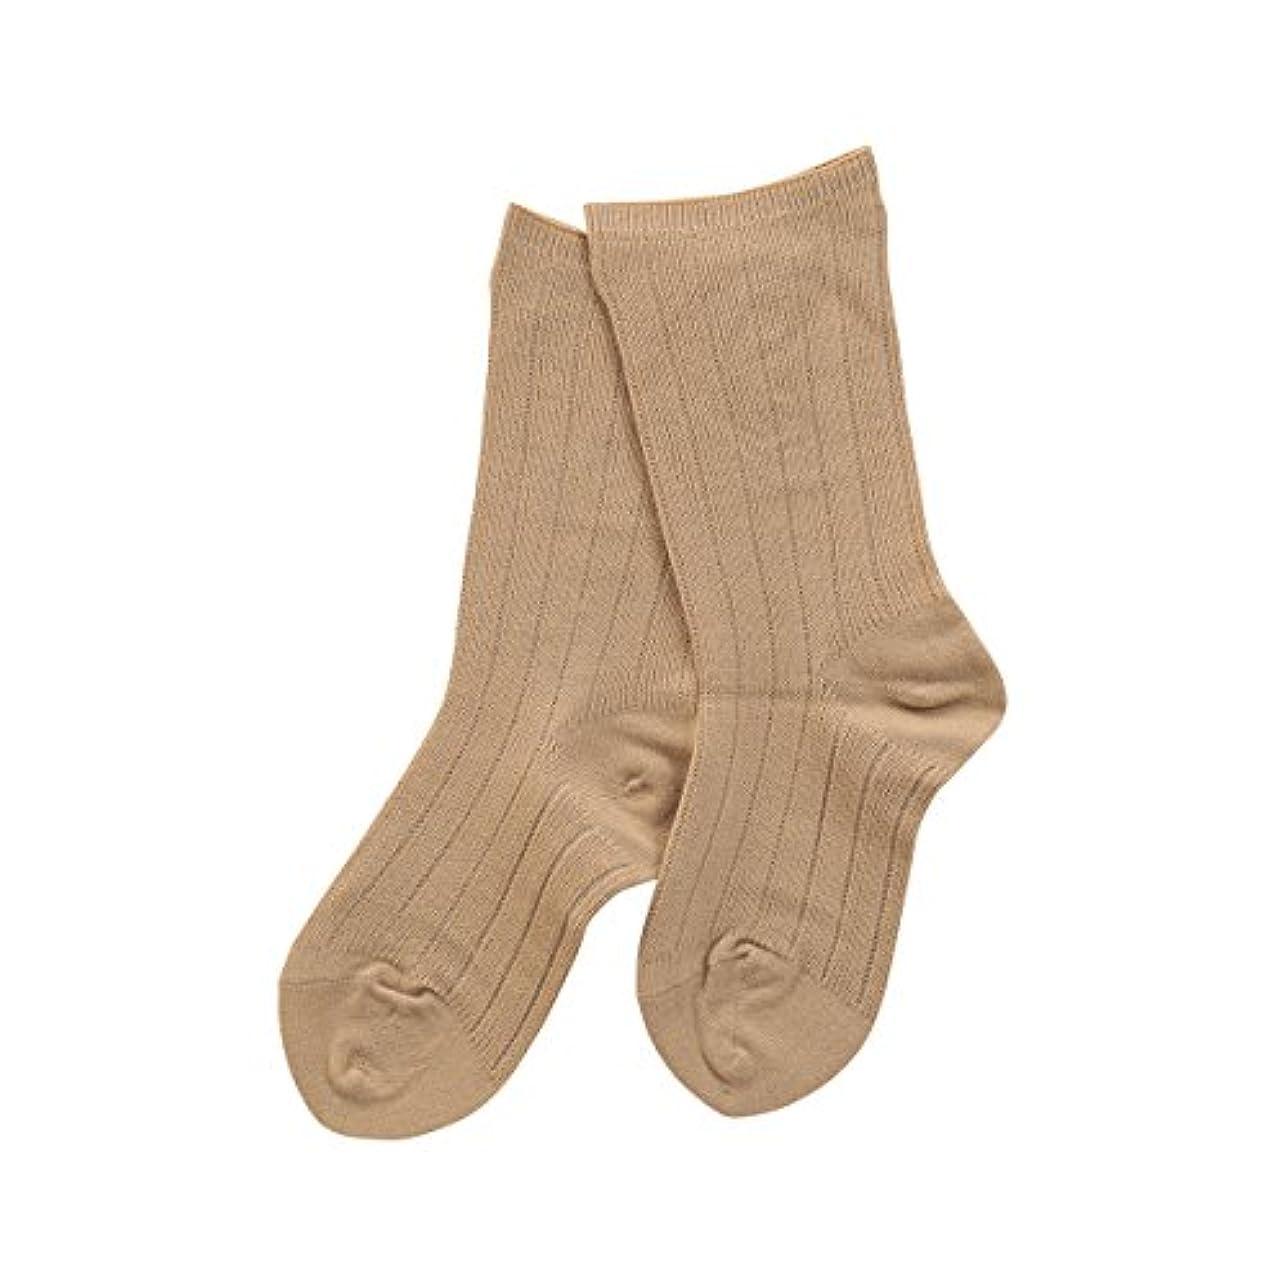 辞書ゴミ箱ラップトップ(コベス) KOBES ゴムなし 毛混 超ゆったり靴下 日本製 婦人靴下